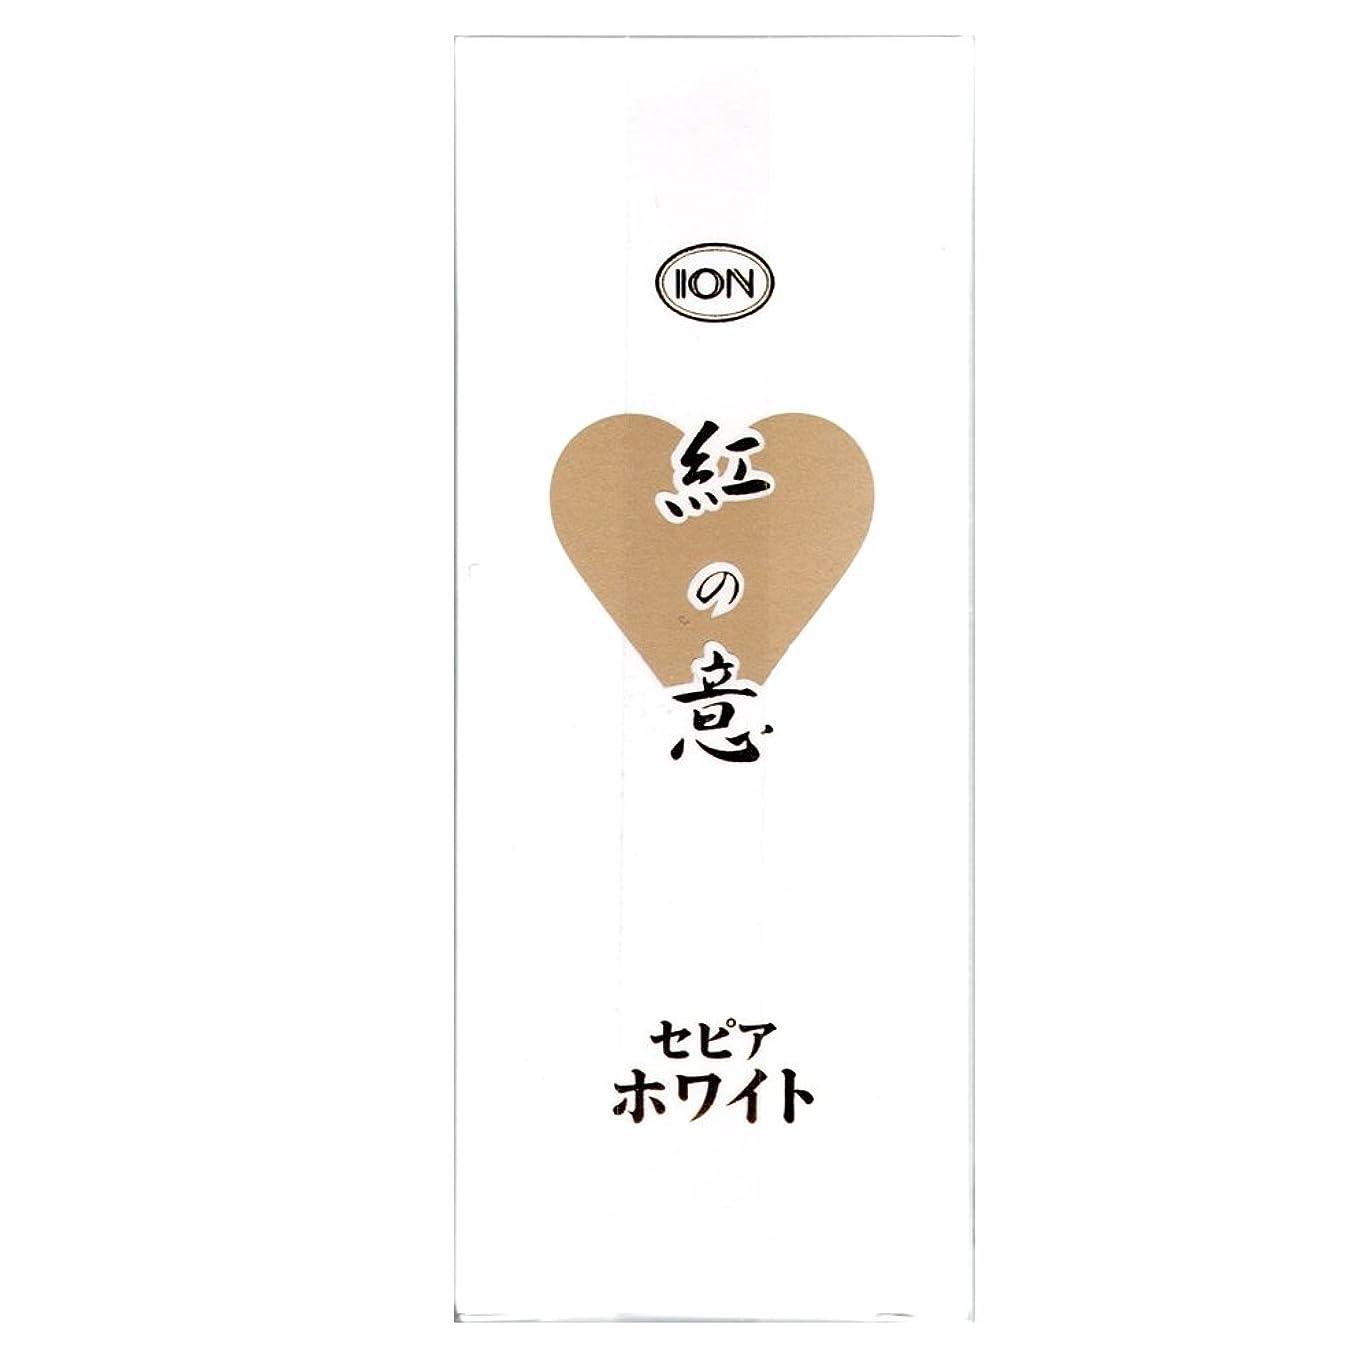 キャプテンブライ麦芽ポーチイオン化粧品 イオンカラークリーム (セピアホワイト)